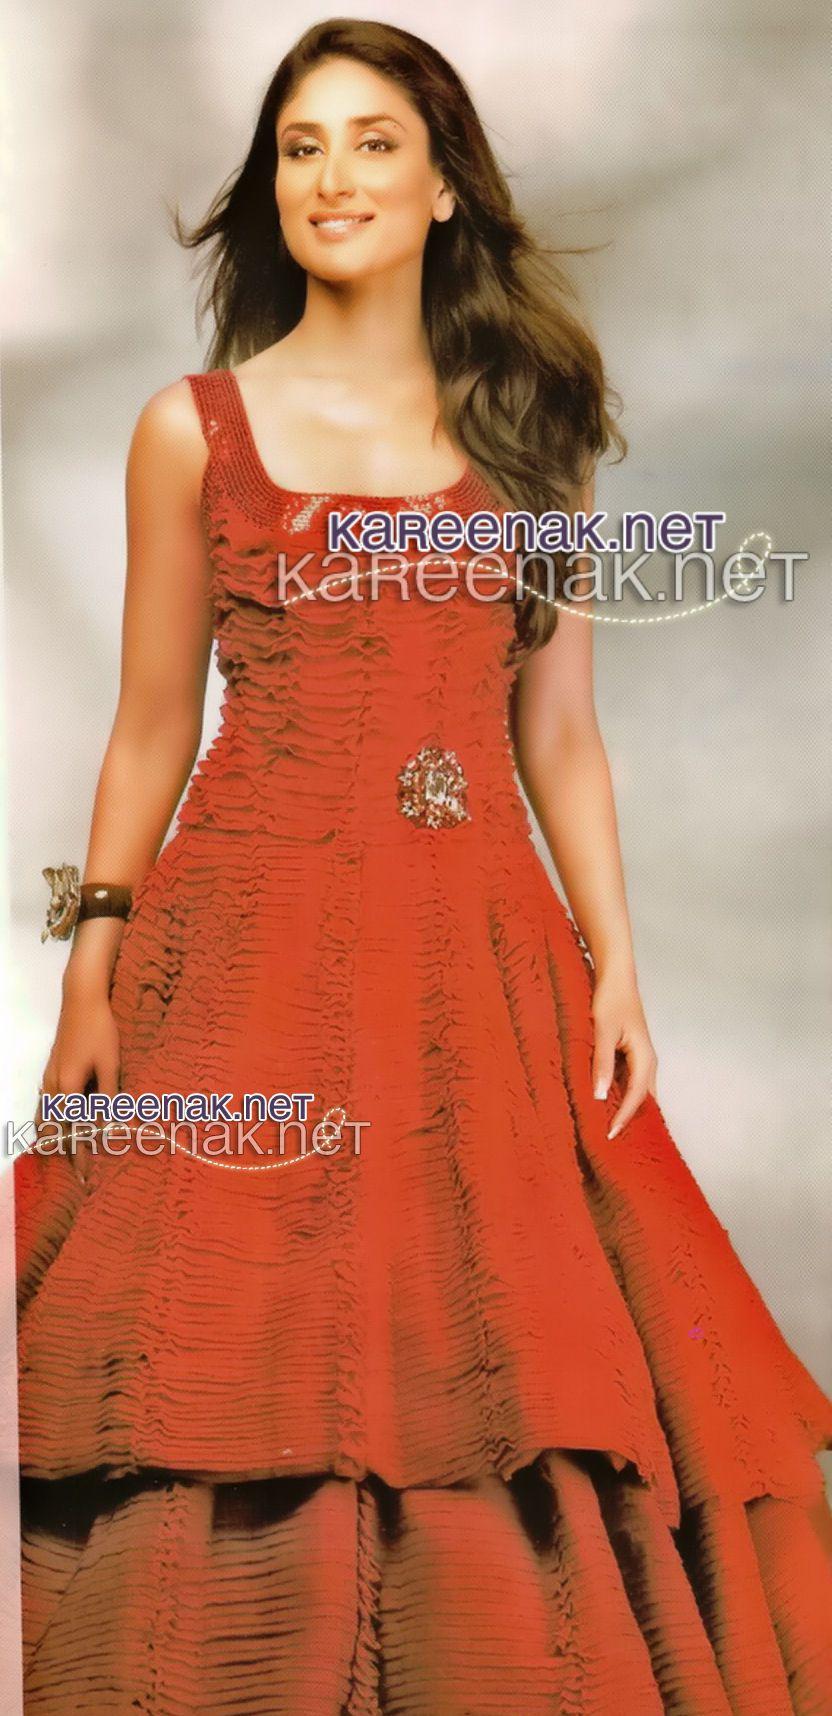 http://i1.imageban.ru/out/2011/09/08/6e2a85ed4d1f66d0ac3abe973ae1ab13.jpg